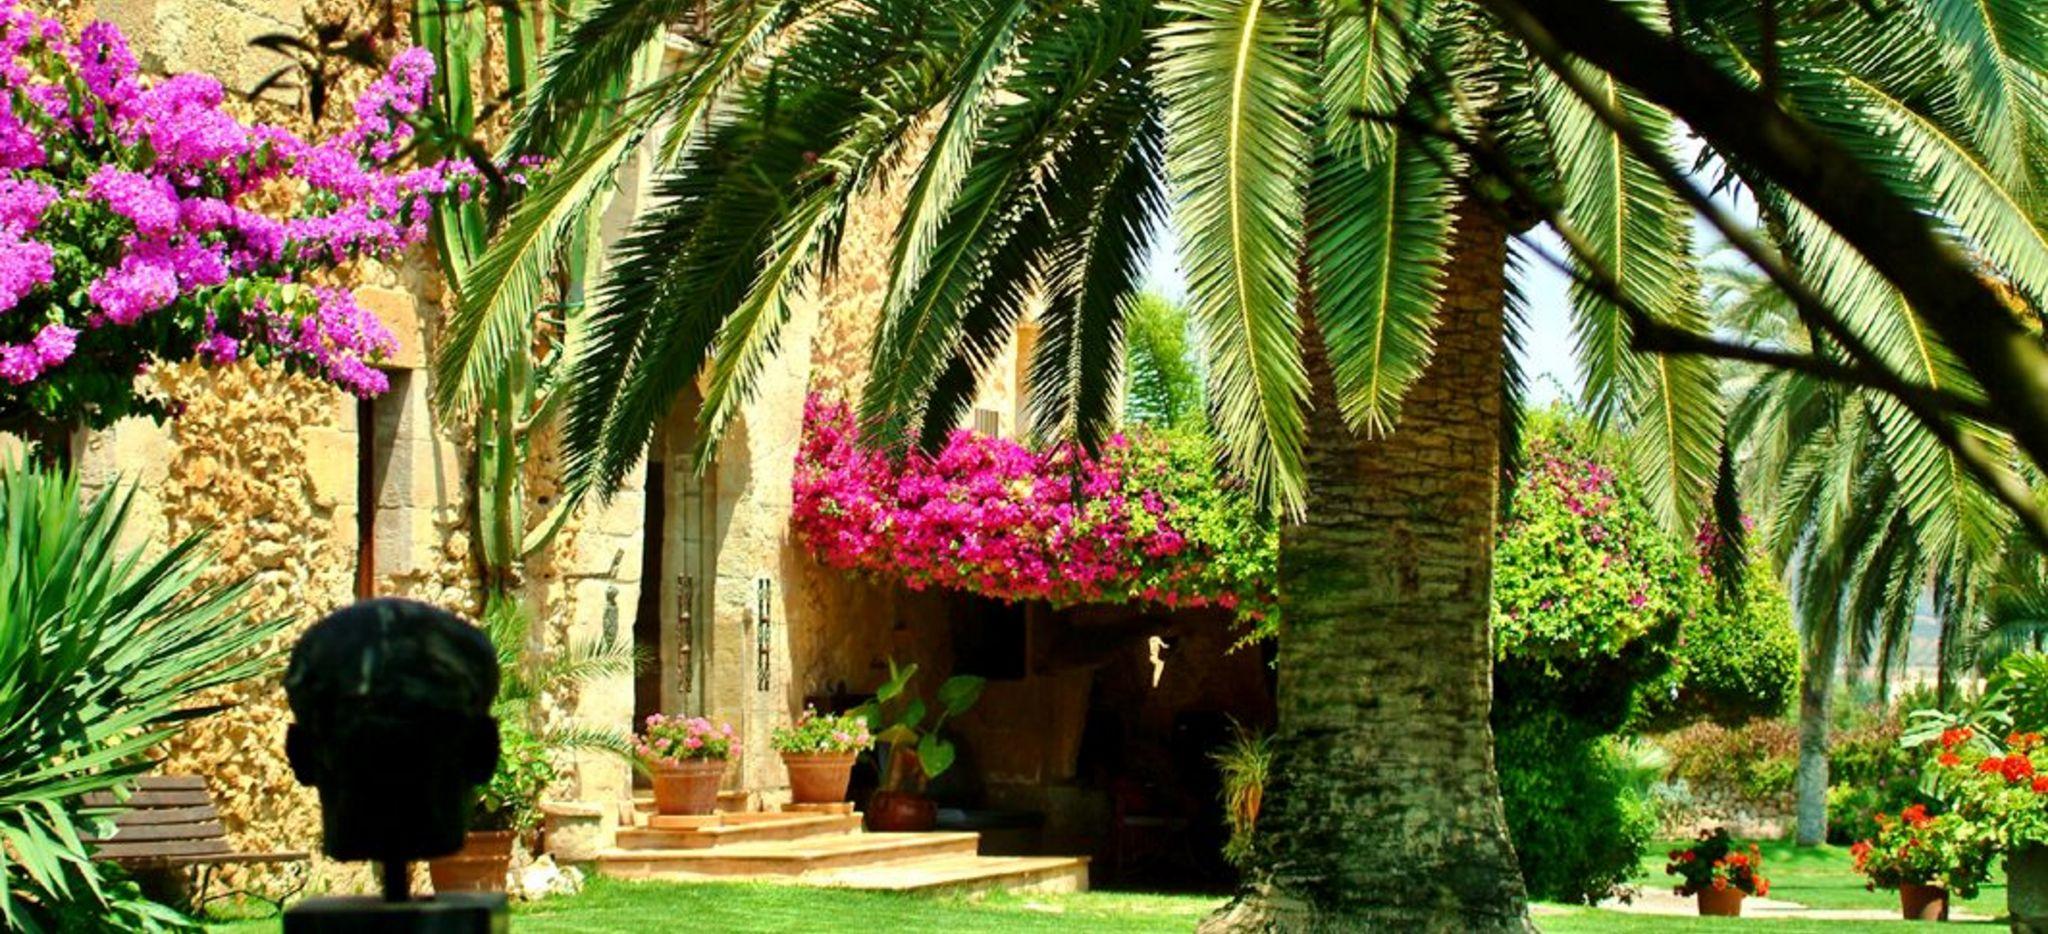 Ein Garten mit Palmen, Bouganivillea und einem traditionellen mallorquinischen Haus